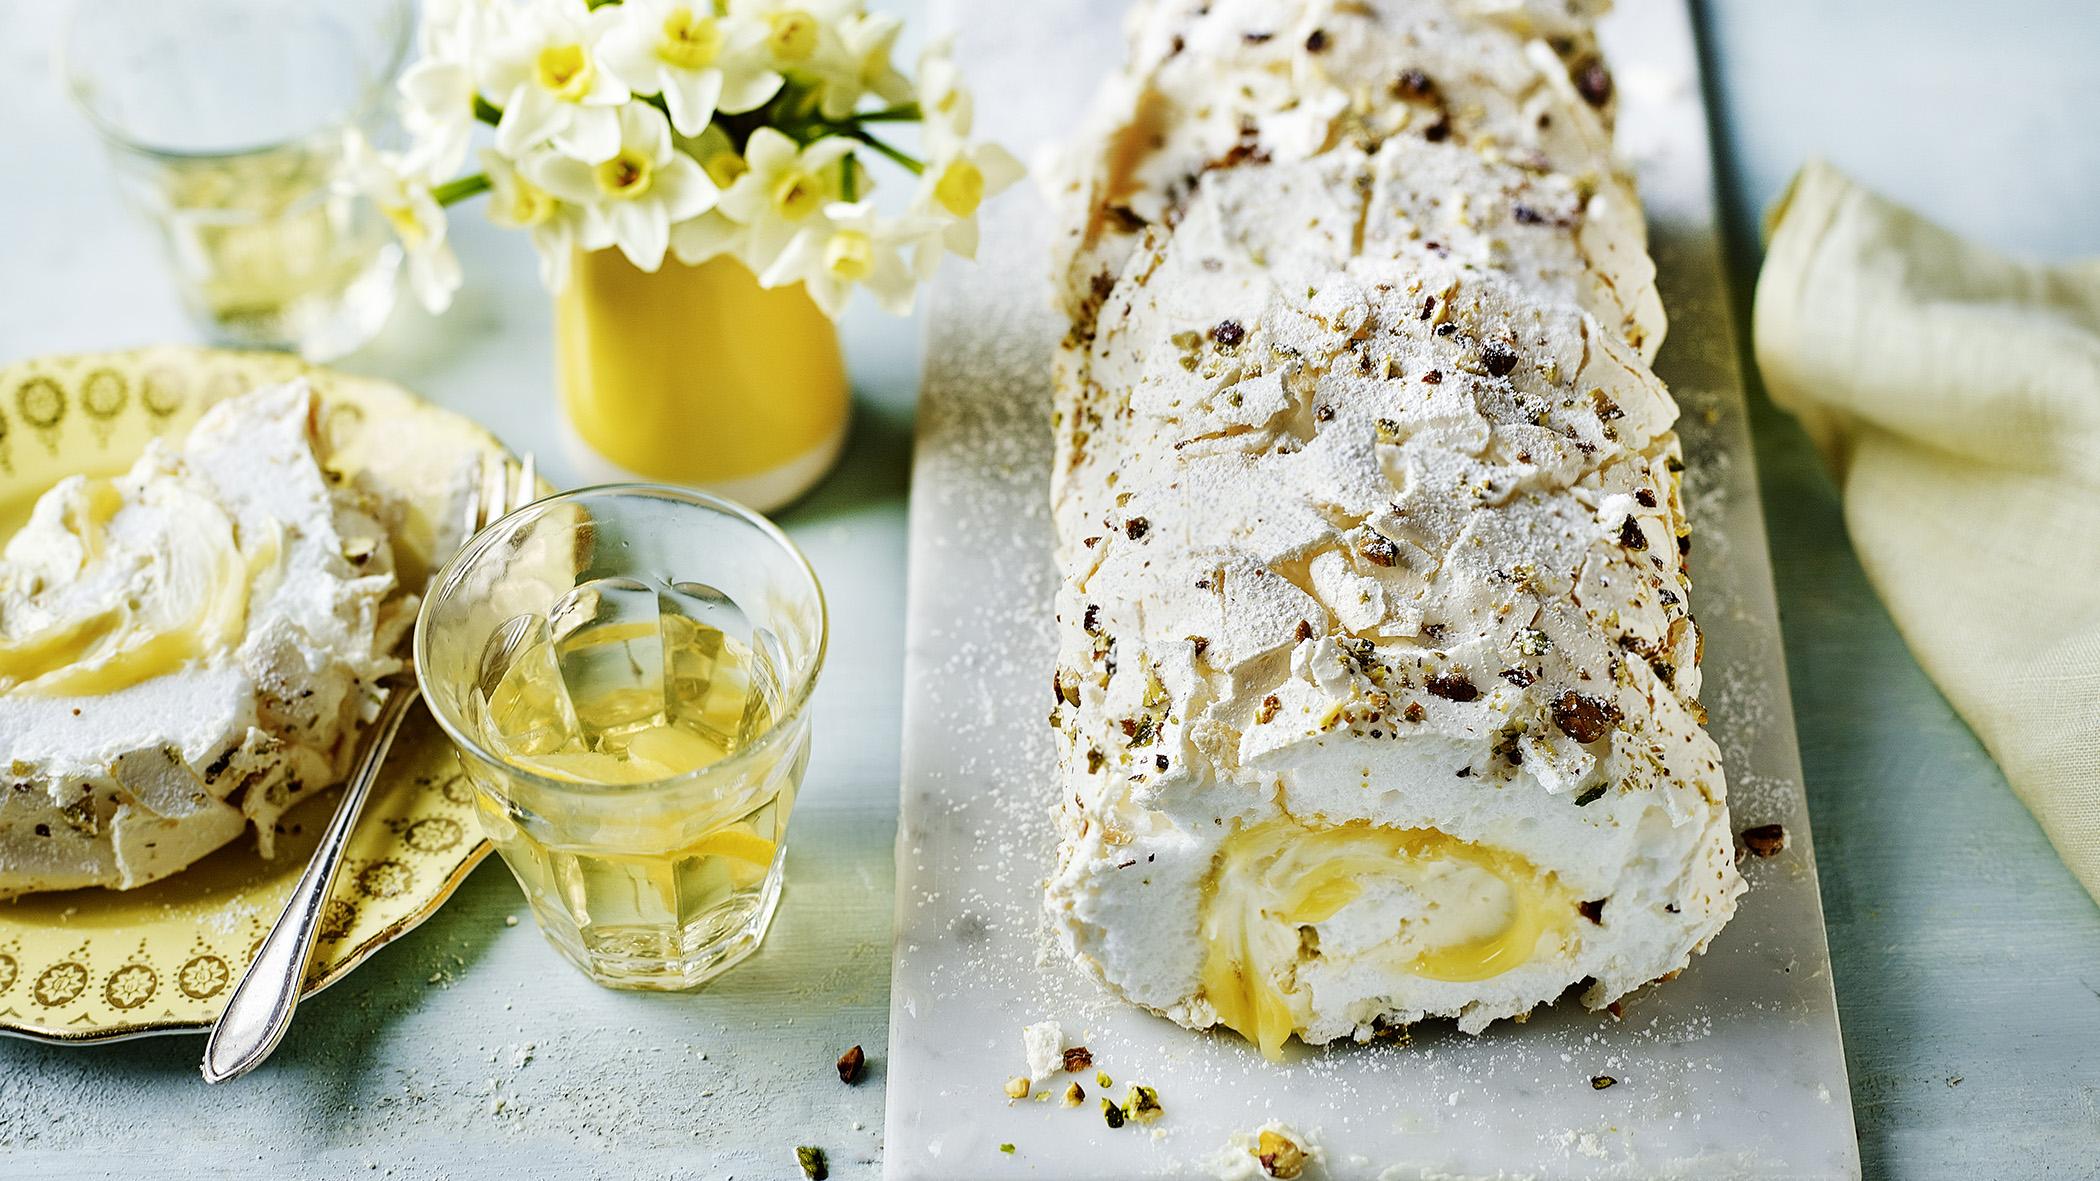 Lemon Curd And Pistachio Meringue Roulade Recipe Bbc Food